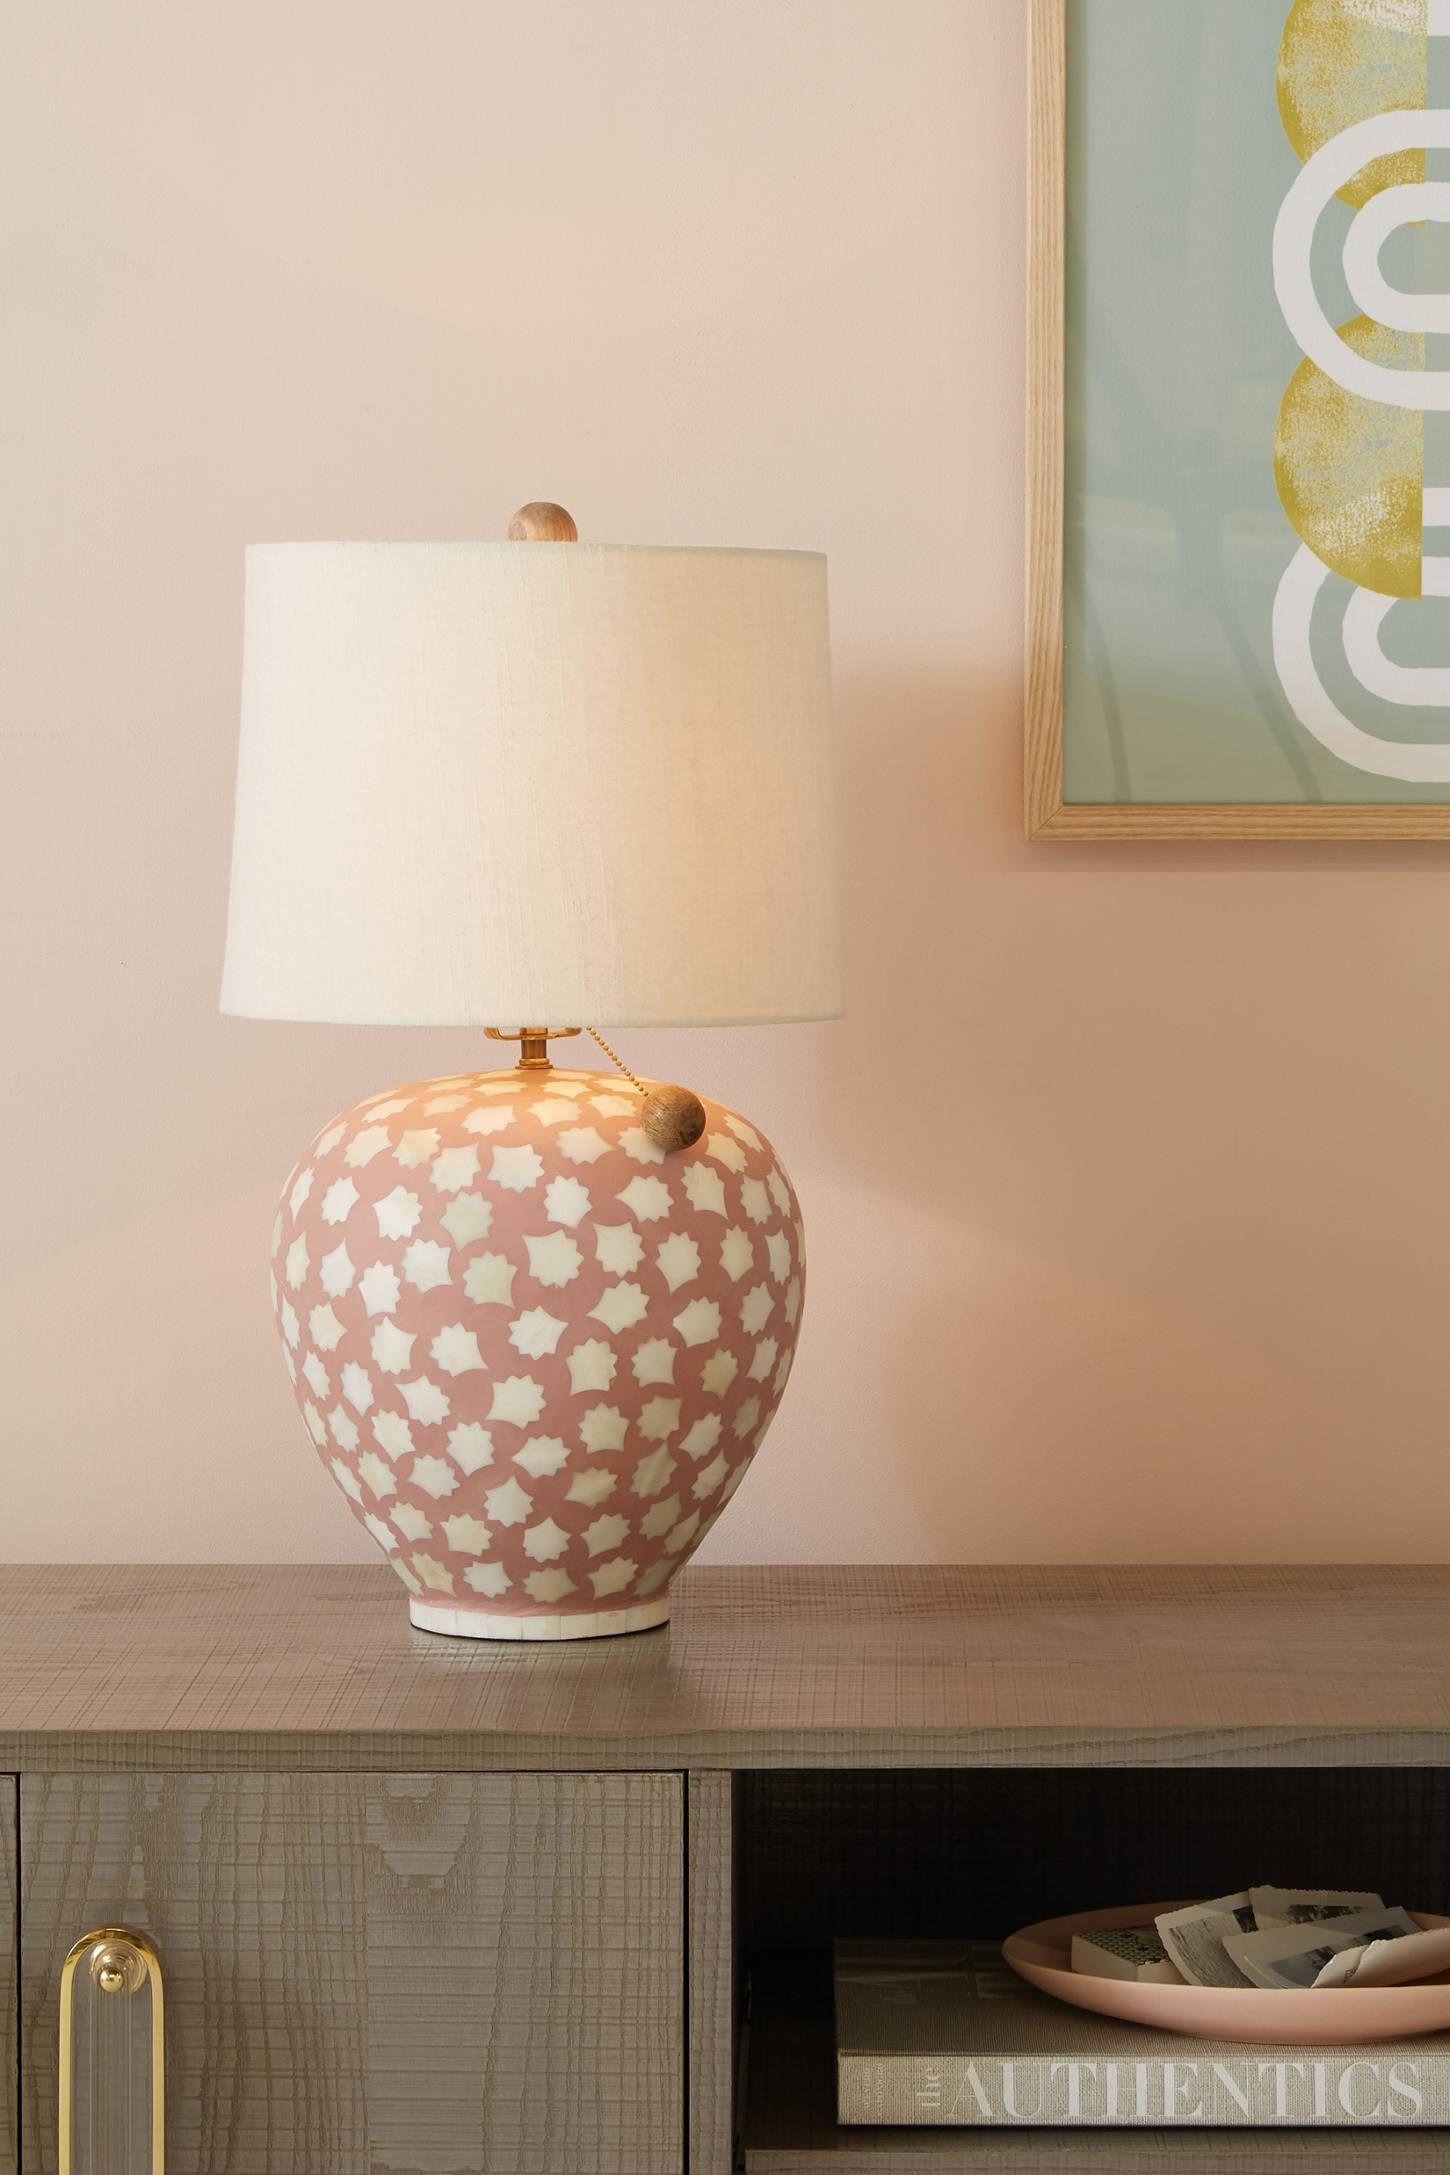 Avignon Table Lamp Base Table Lamp Base Table Lamp Beautiful Lamp